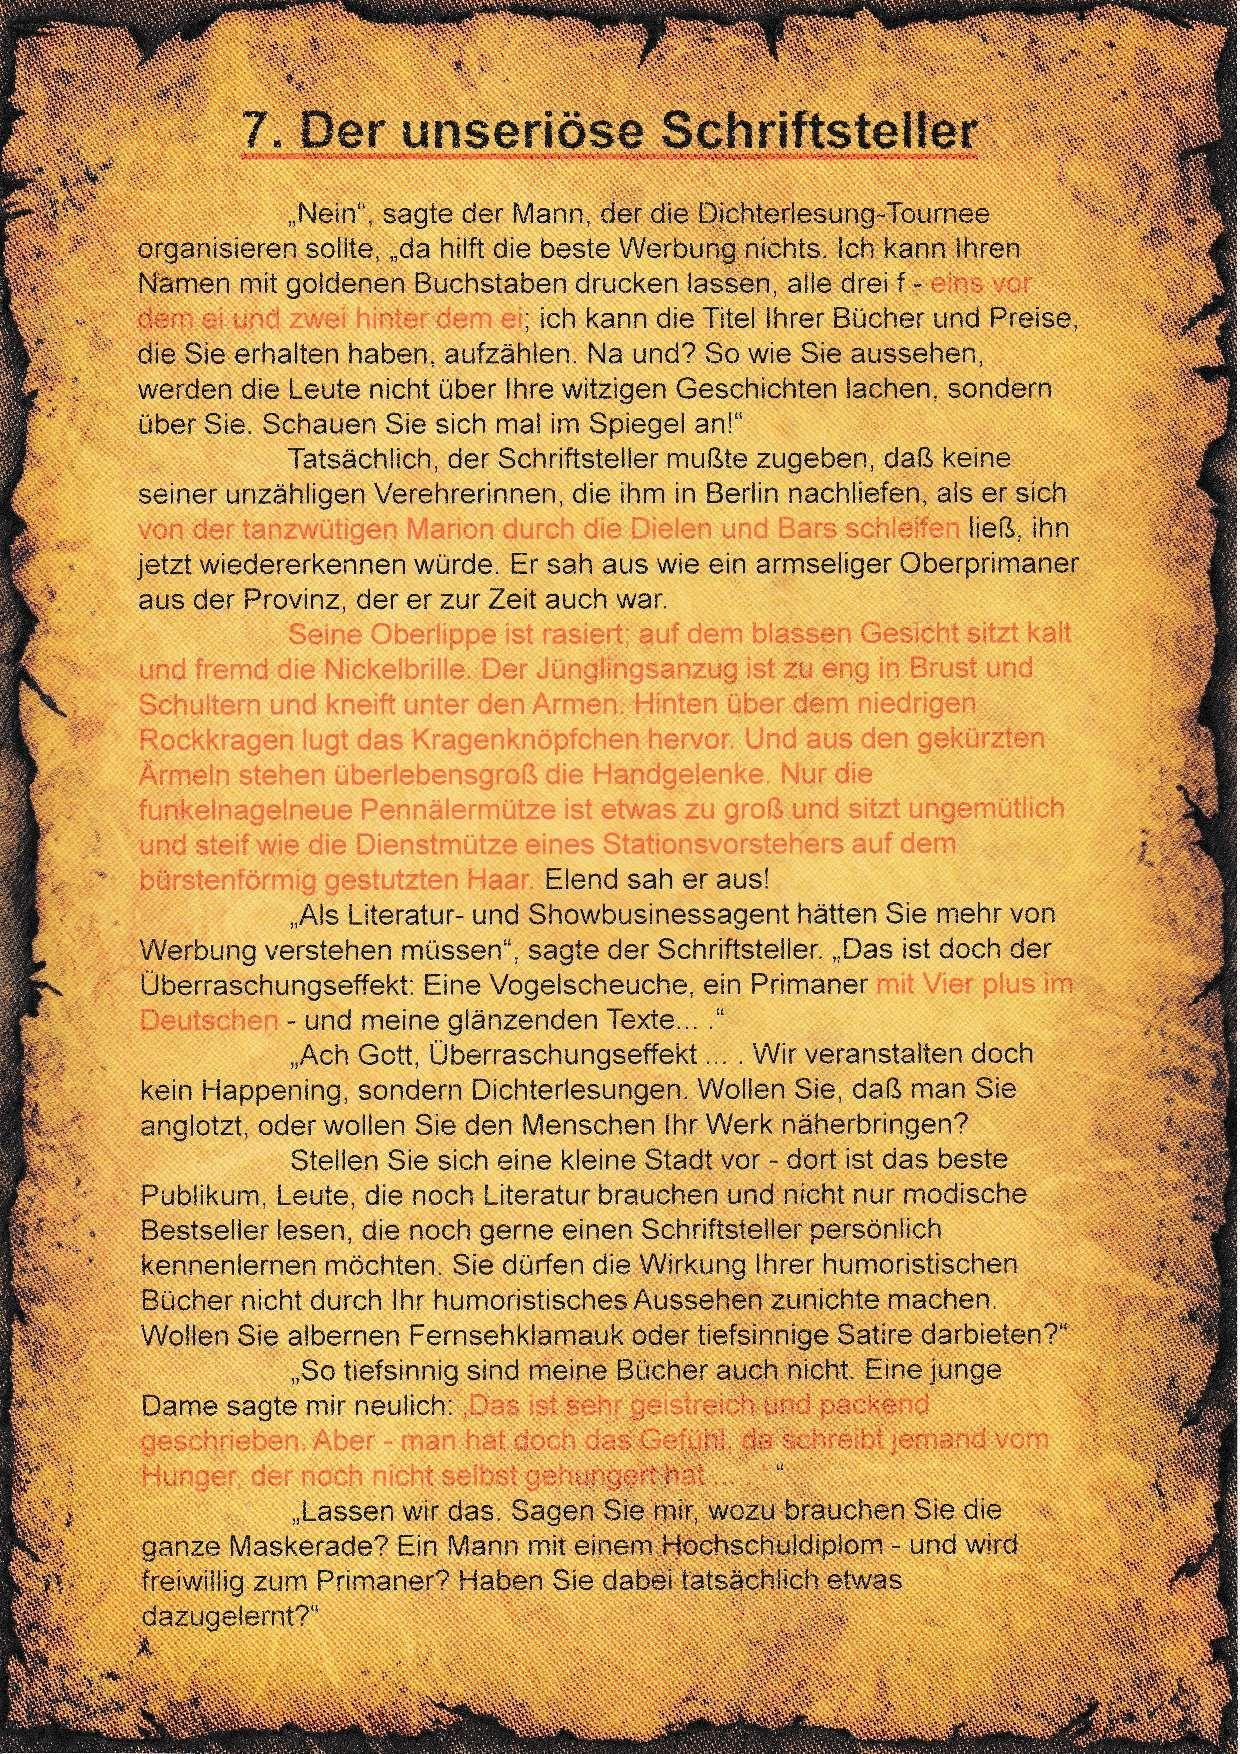 7. Literatur-Rätsel - A